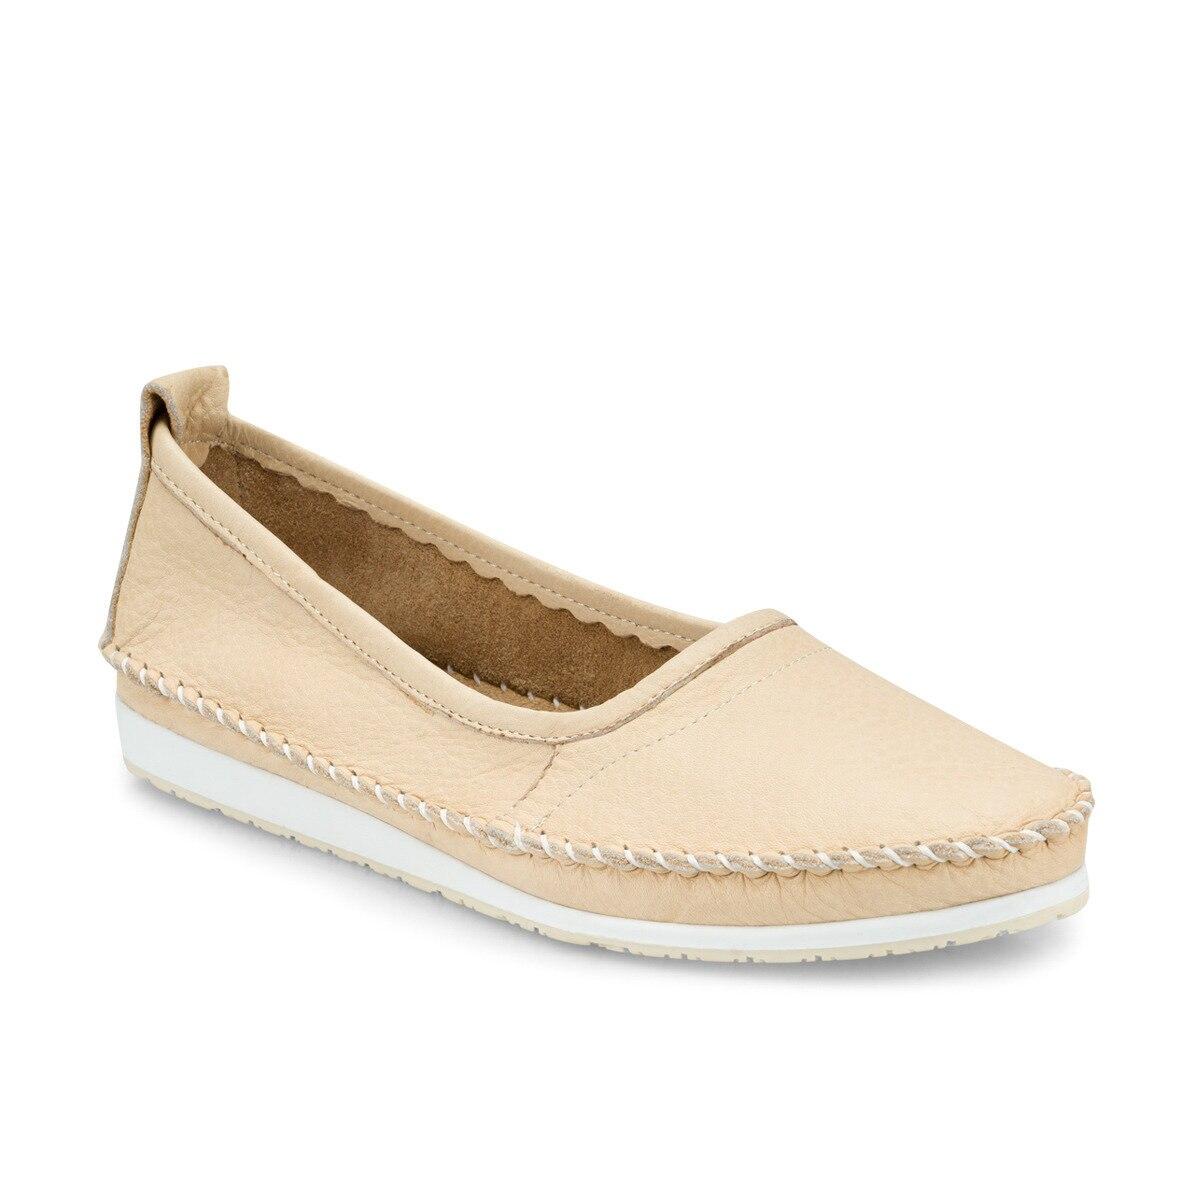 FLO 103087.Z Beige Women 'S Shoes Polaris